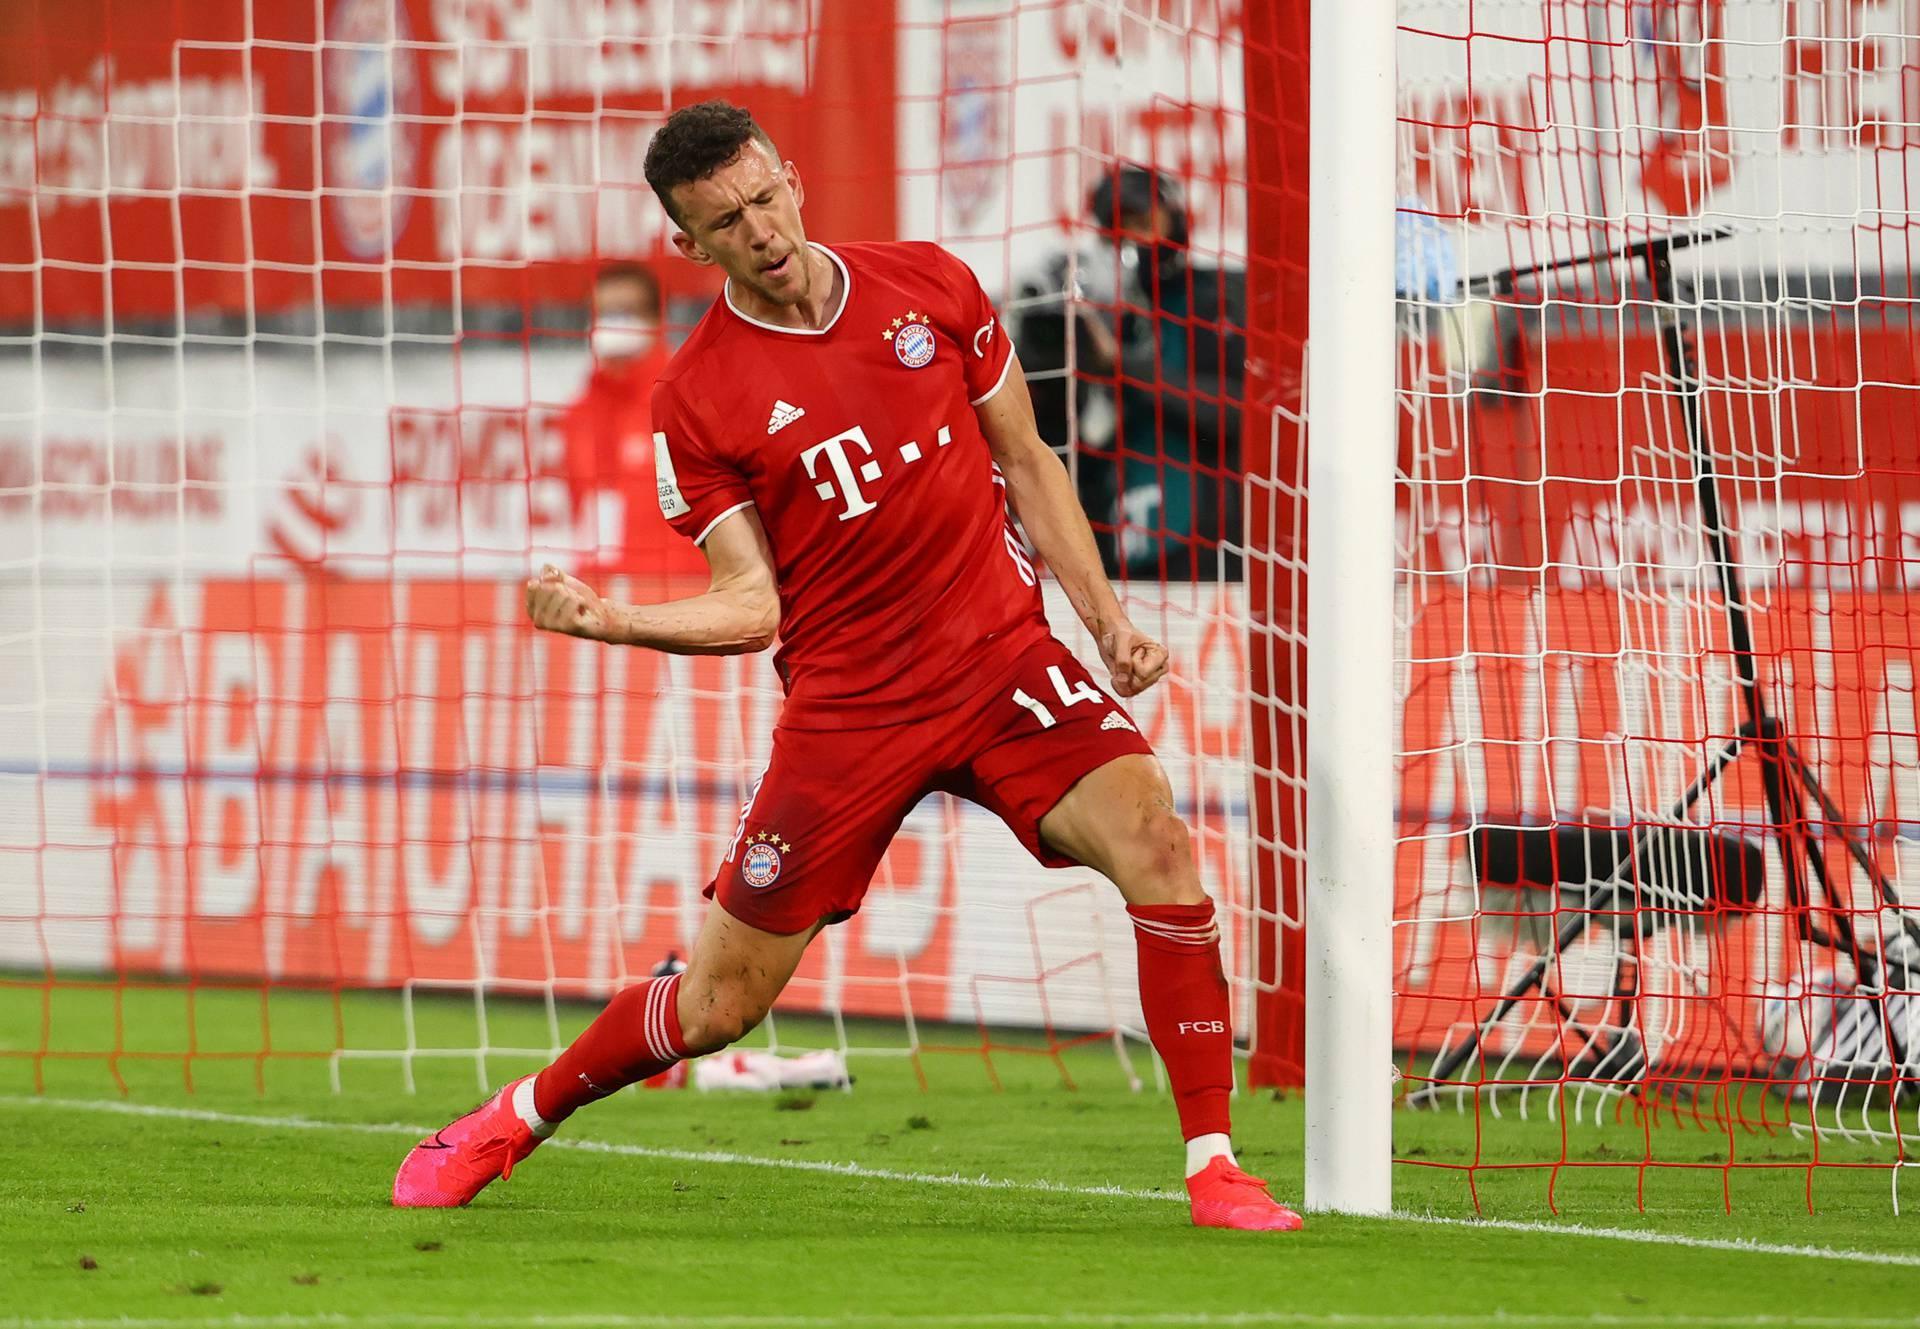 DFB Cup - Semi Final - Bayern Munich v Eintracht Frankfurt